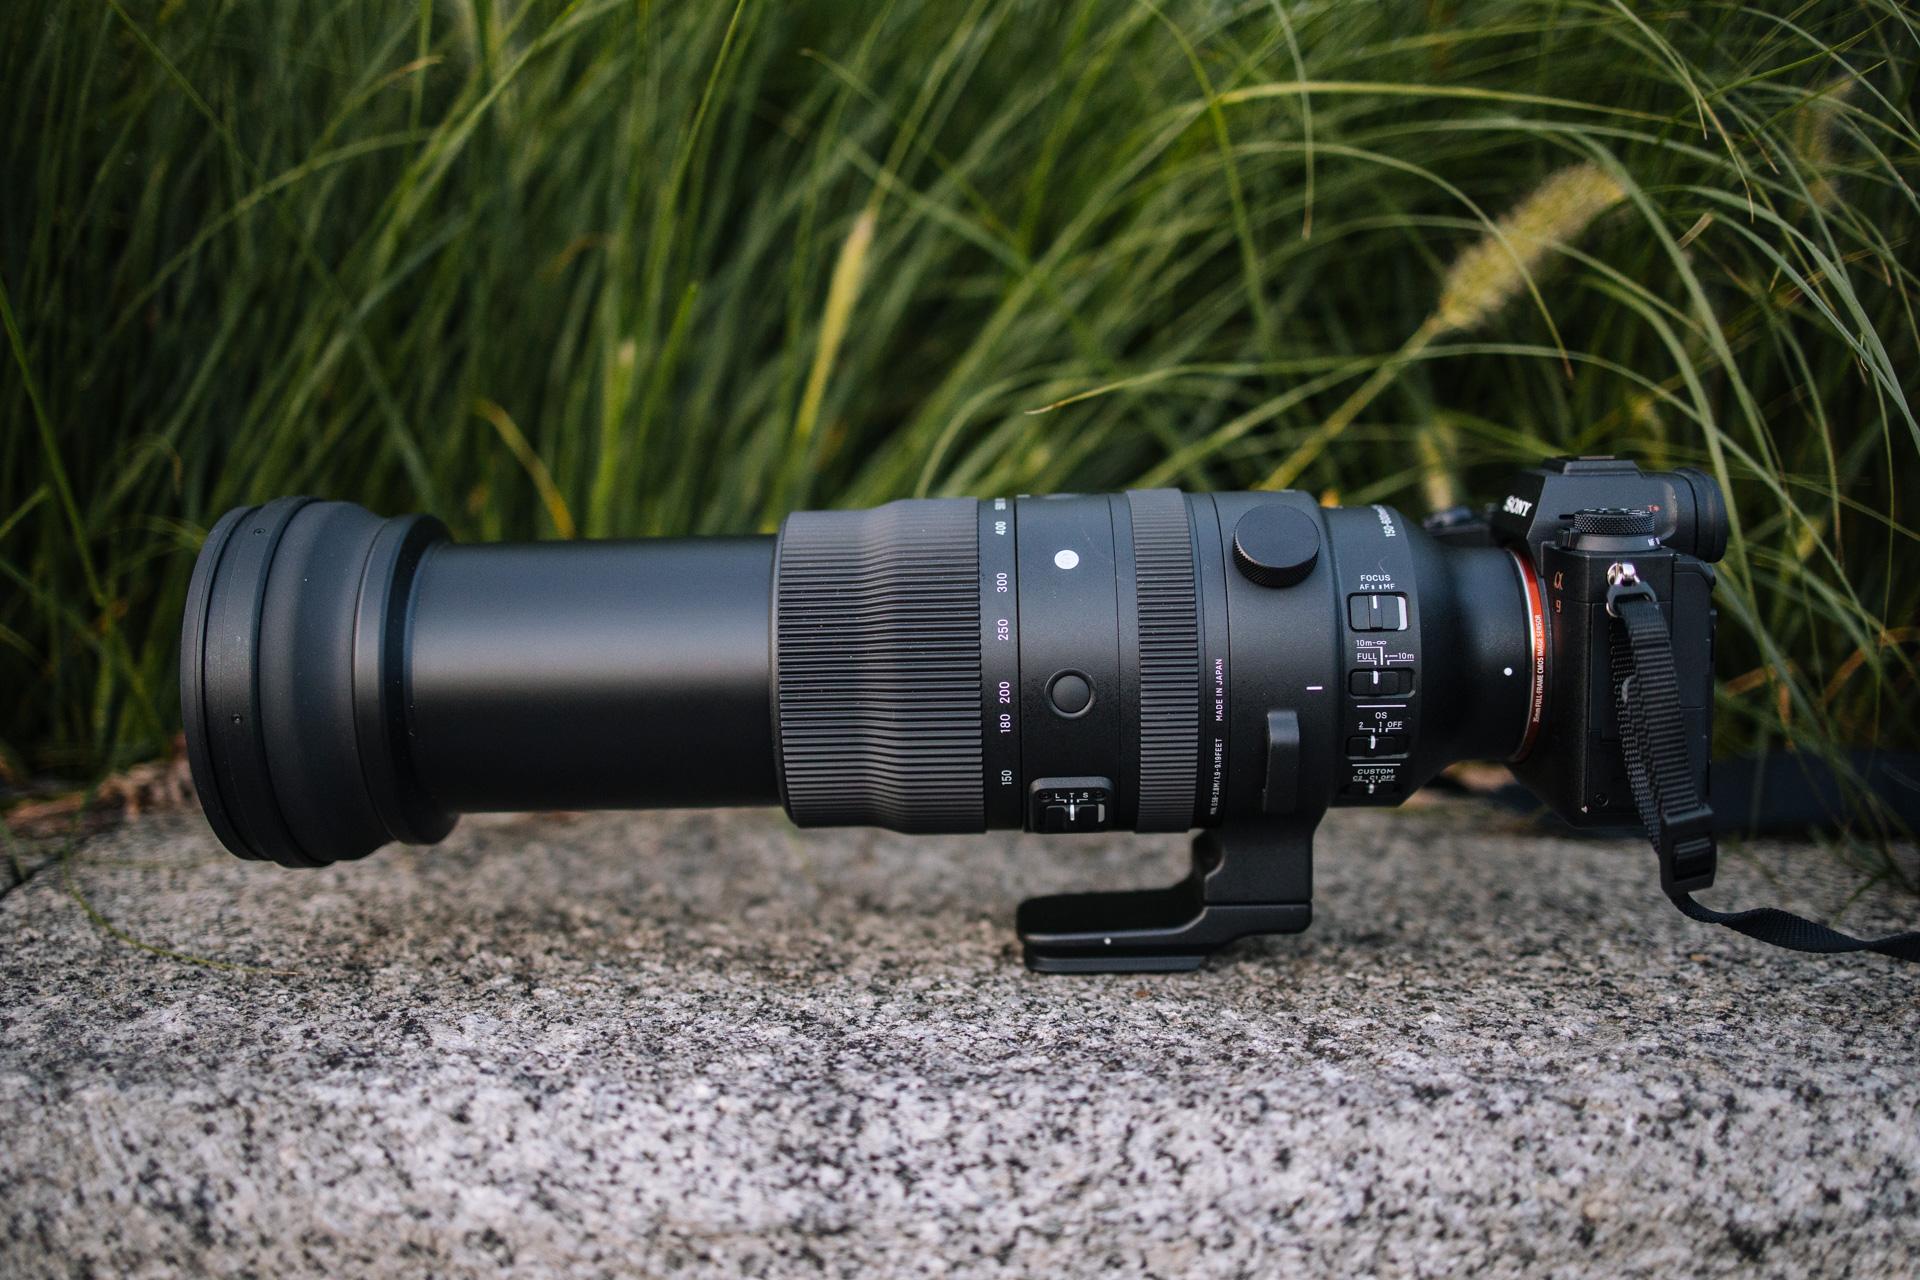 Sigma S 150-600 mm f/5-6.5 DG DN OS podpięta przy 600 mm